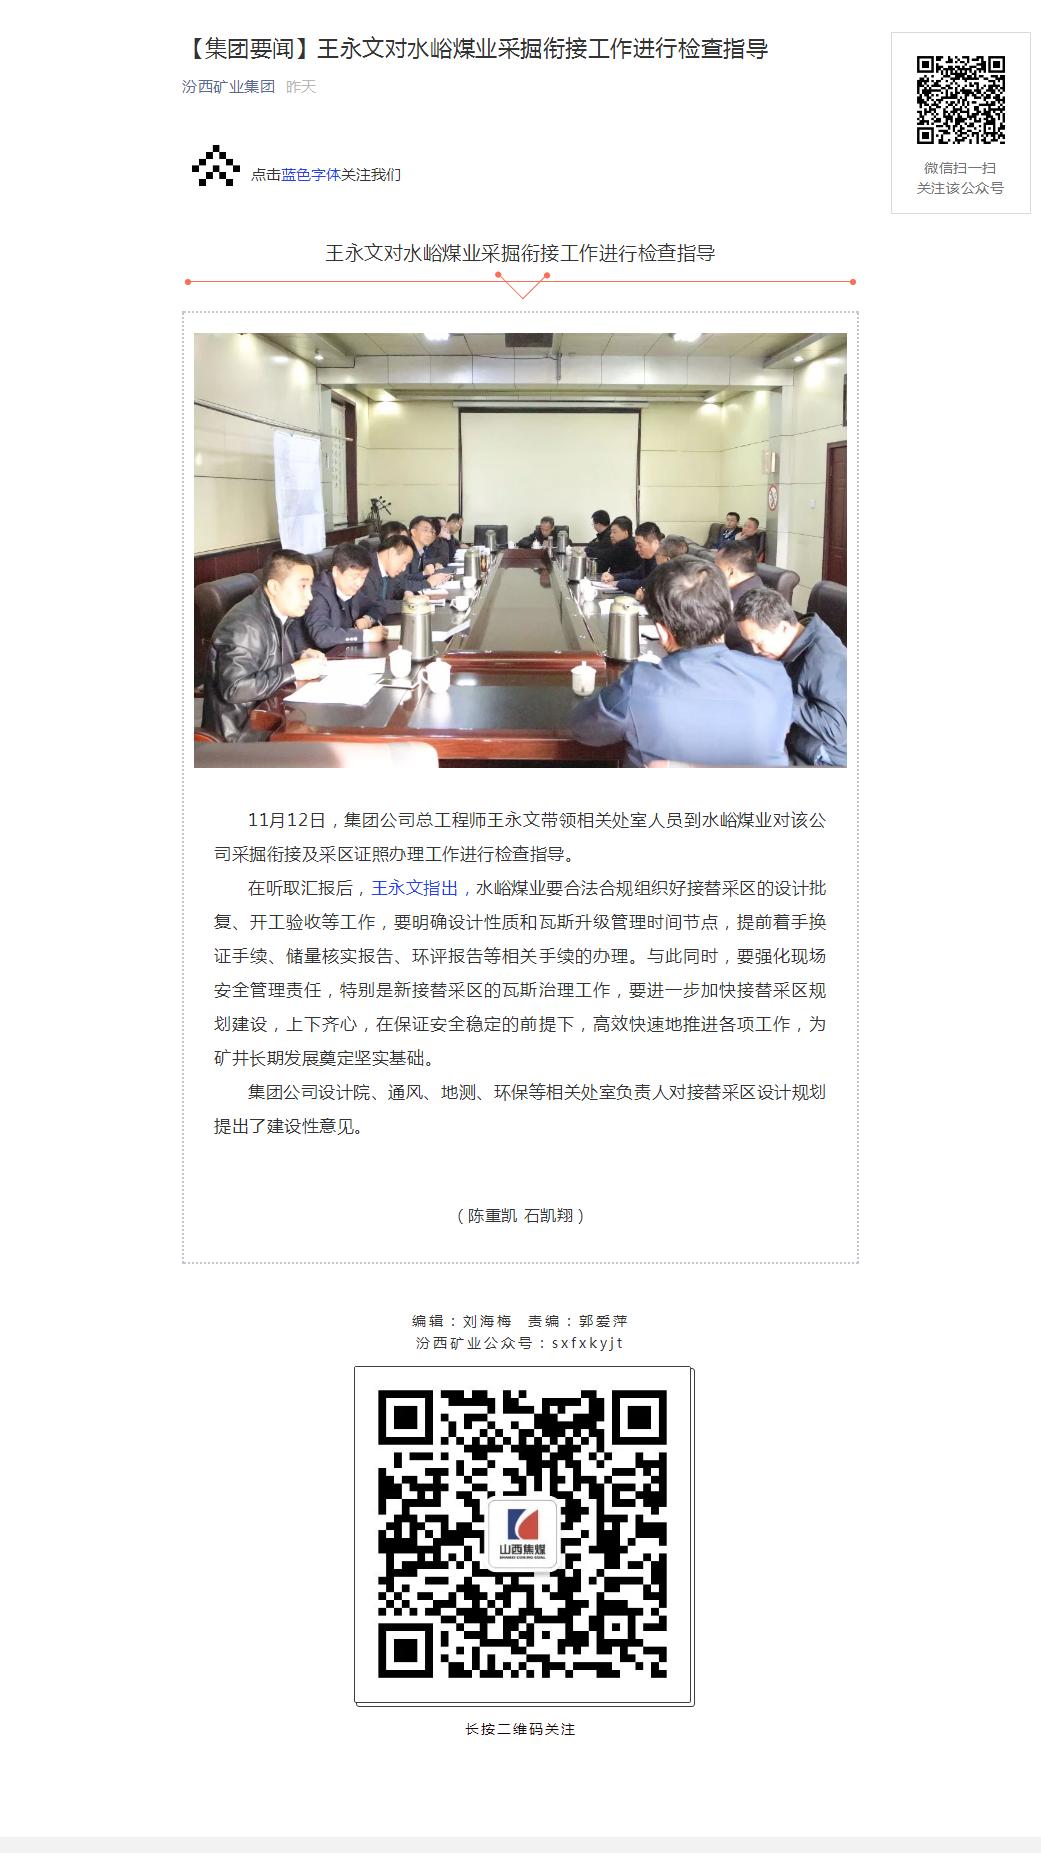 王永文對水峪煤業采掘銜接工作進行檢查指導.png